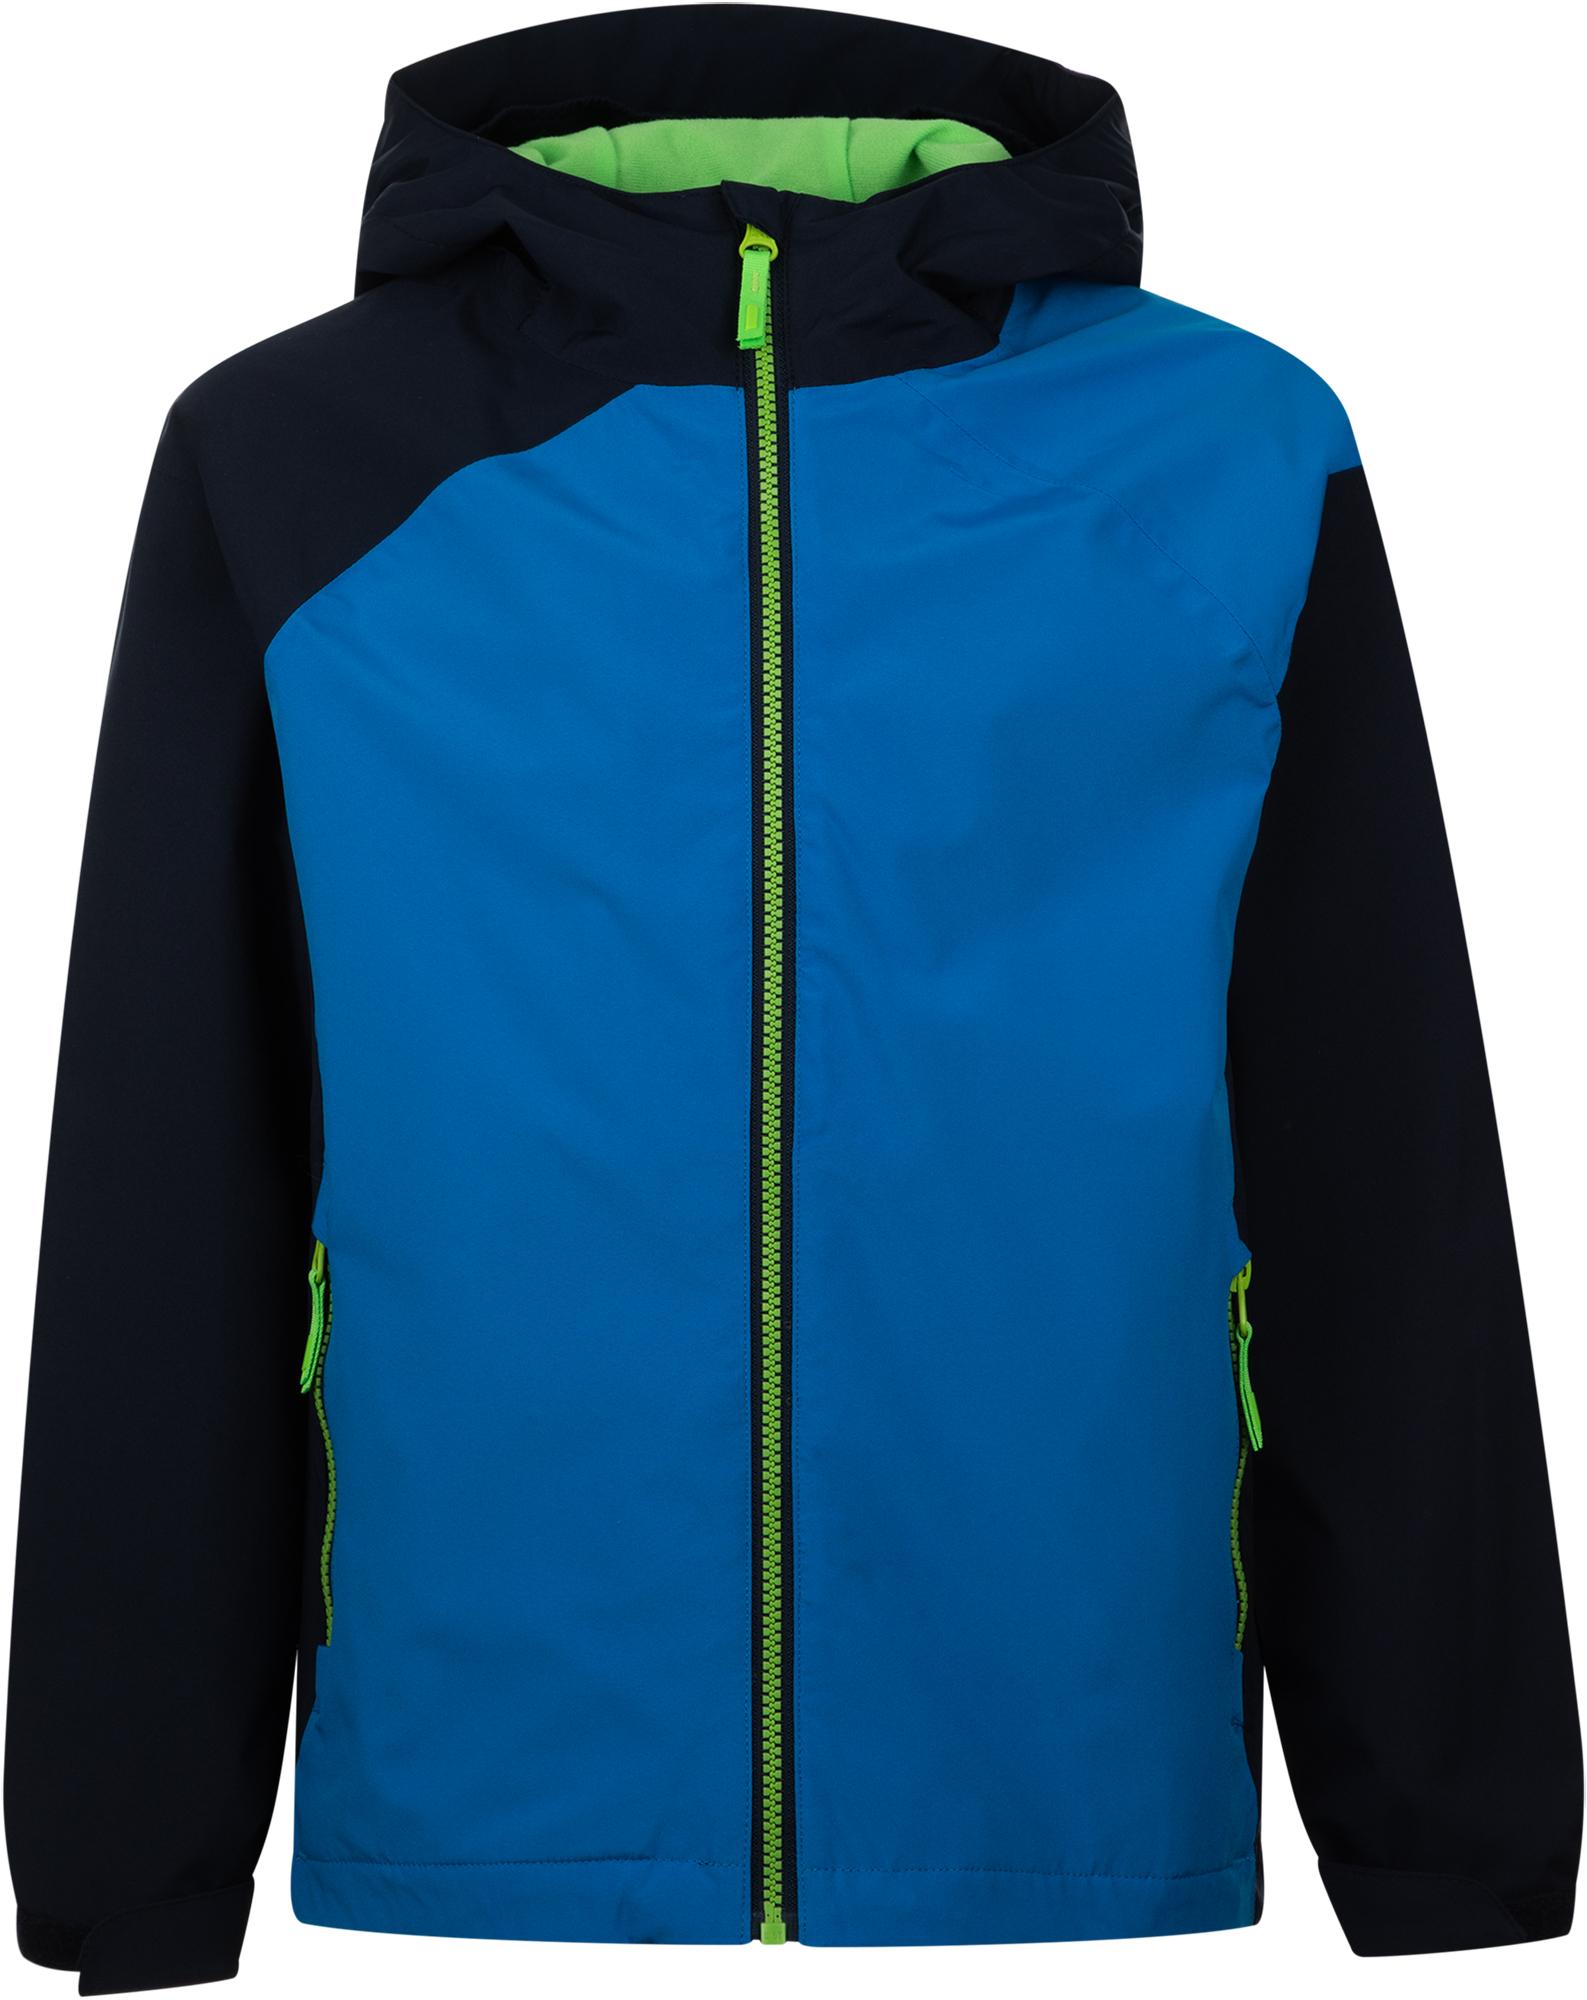 IcePeak Куртка для мальчиков IcePeak Kangley, размер 176 несессер icepeak icepeak ic647buetud0